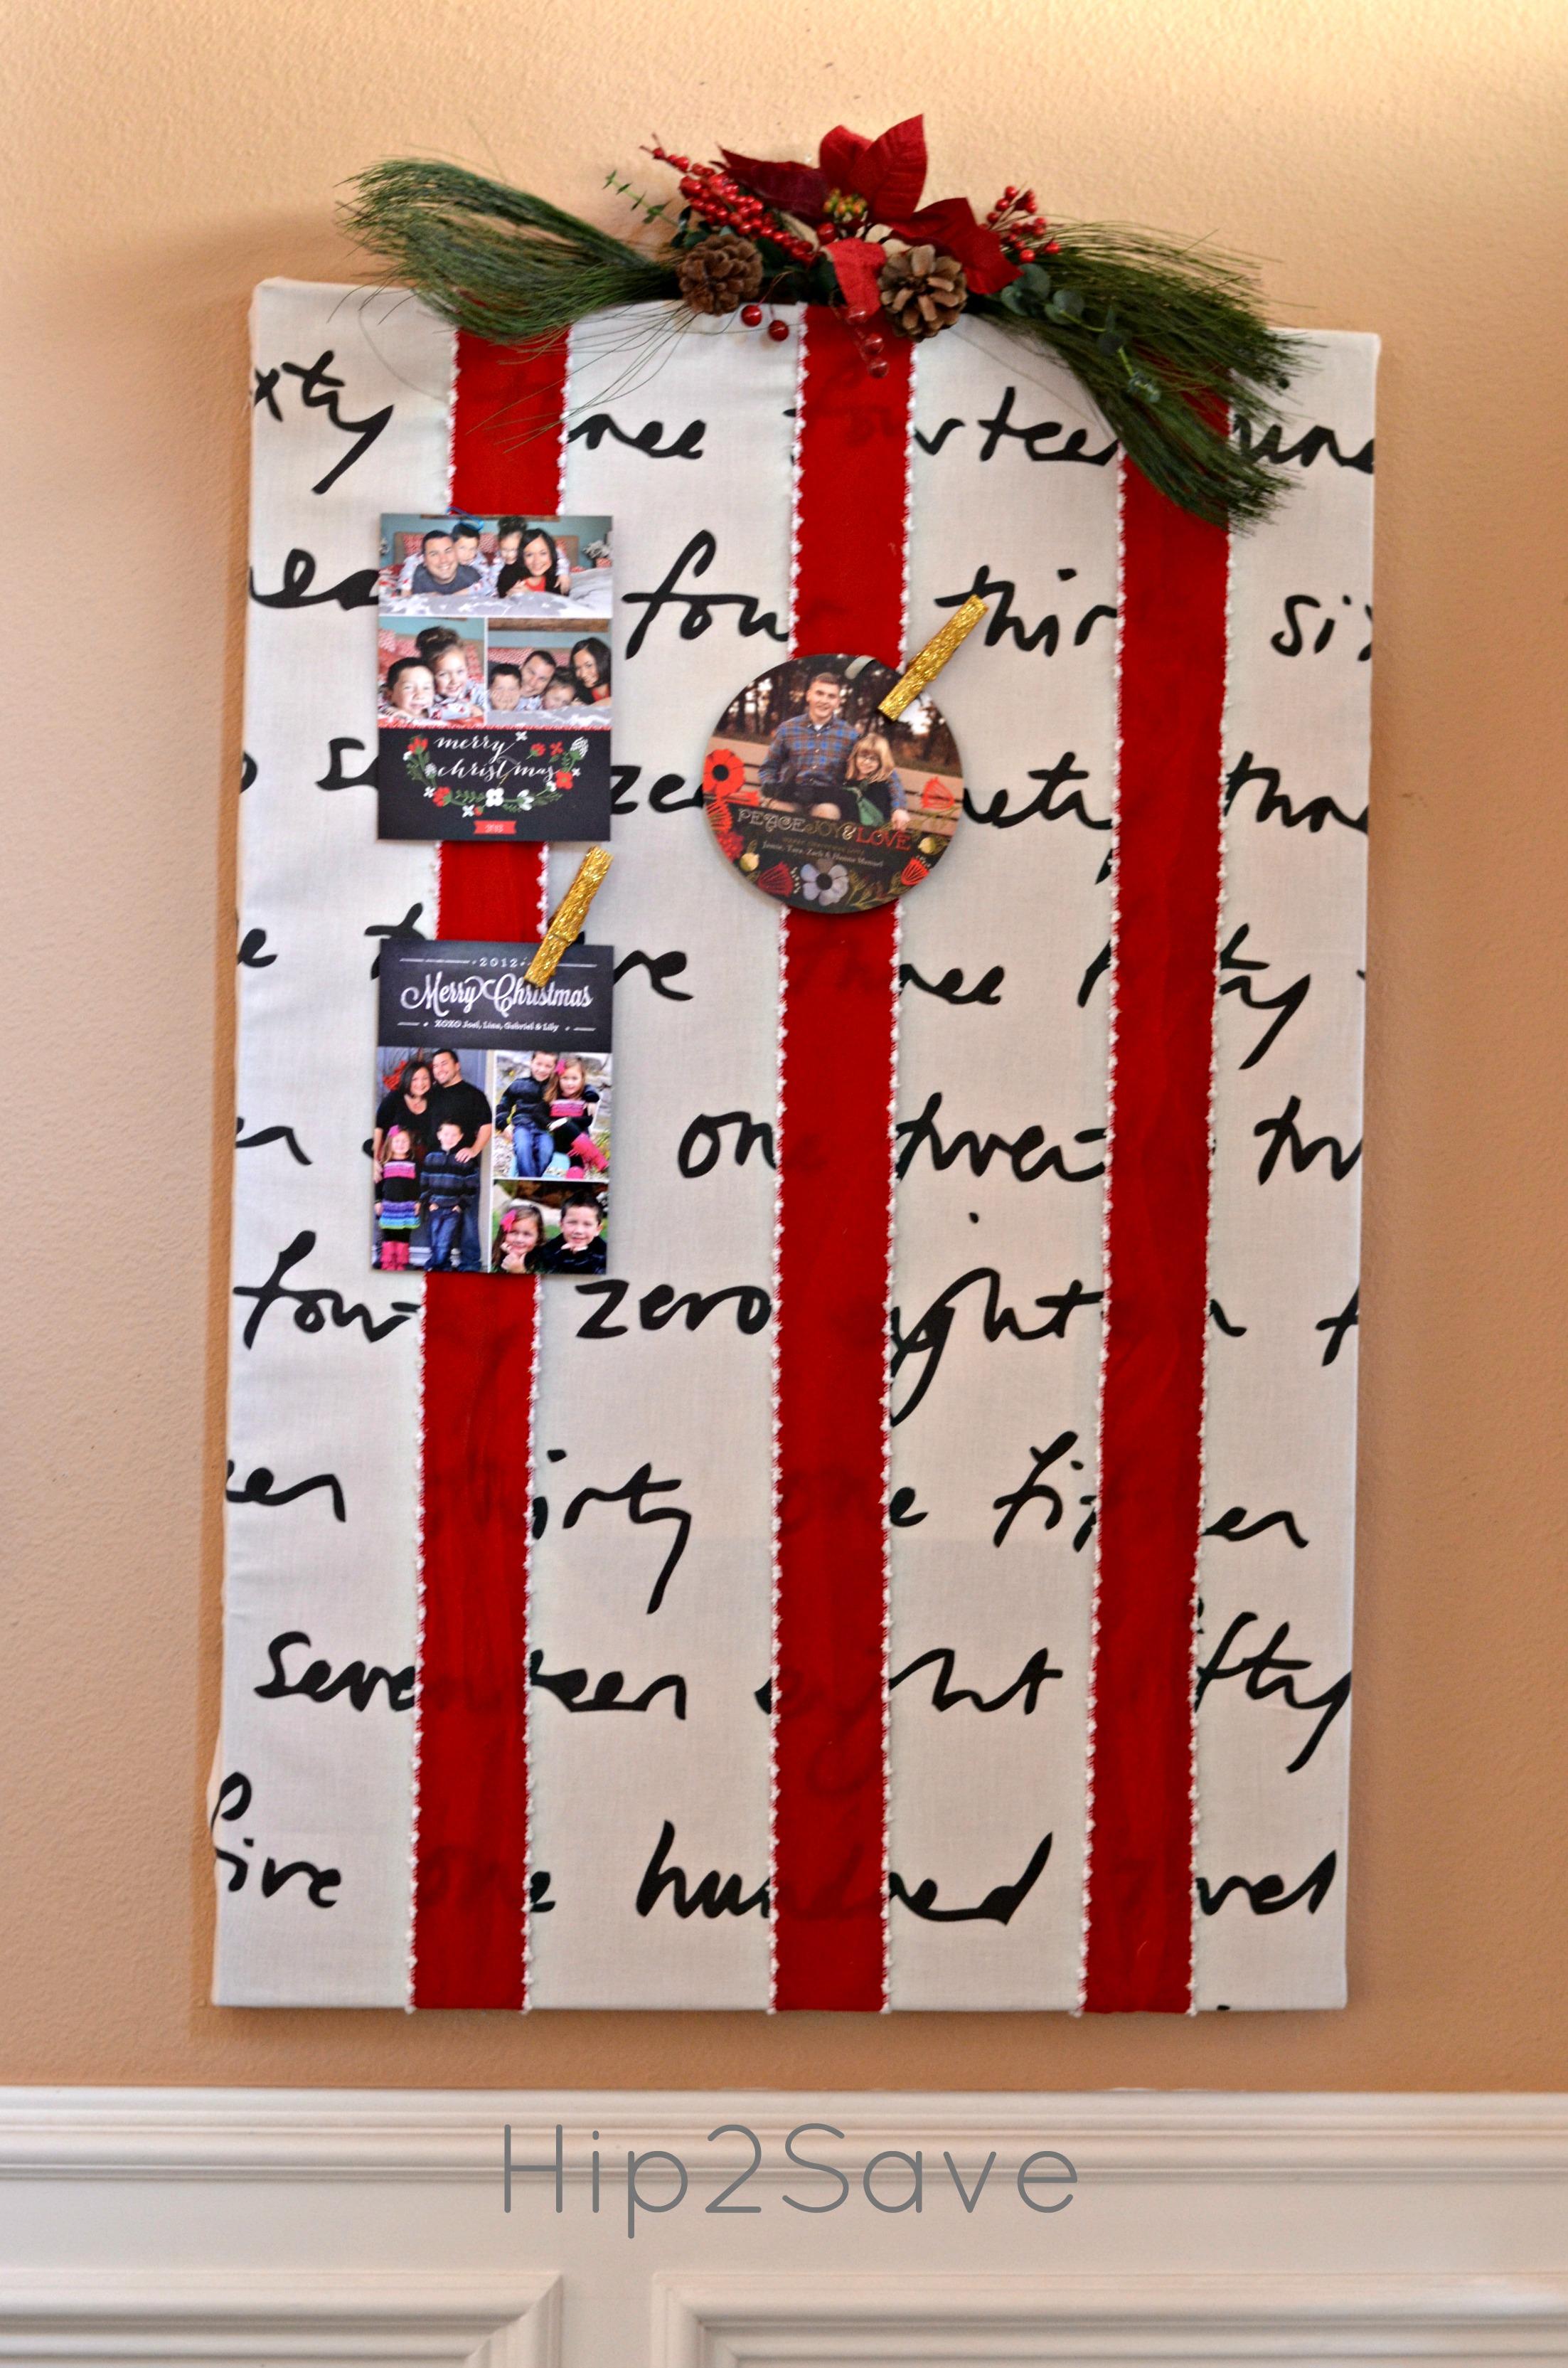 Christmas Card Display Hip2Save